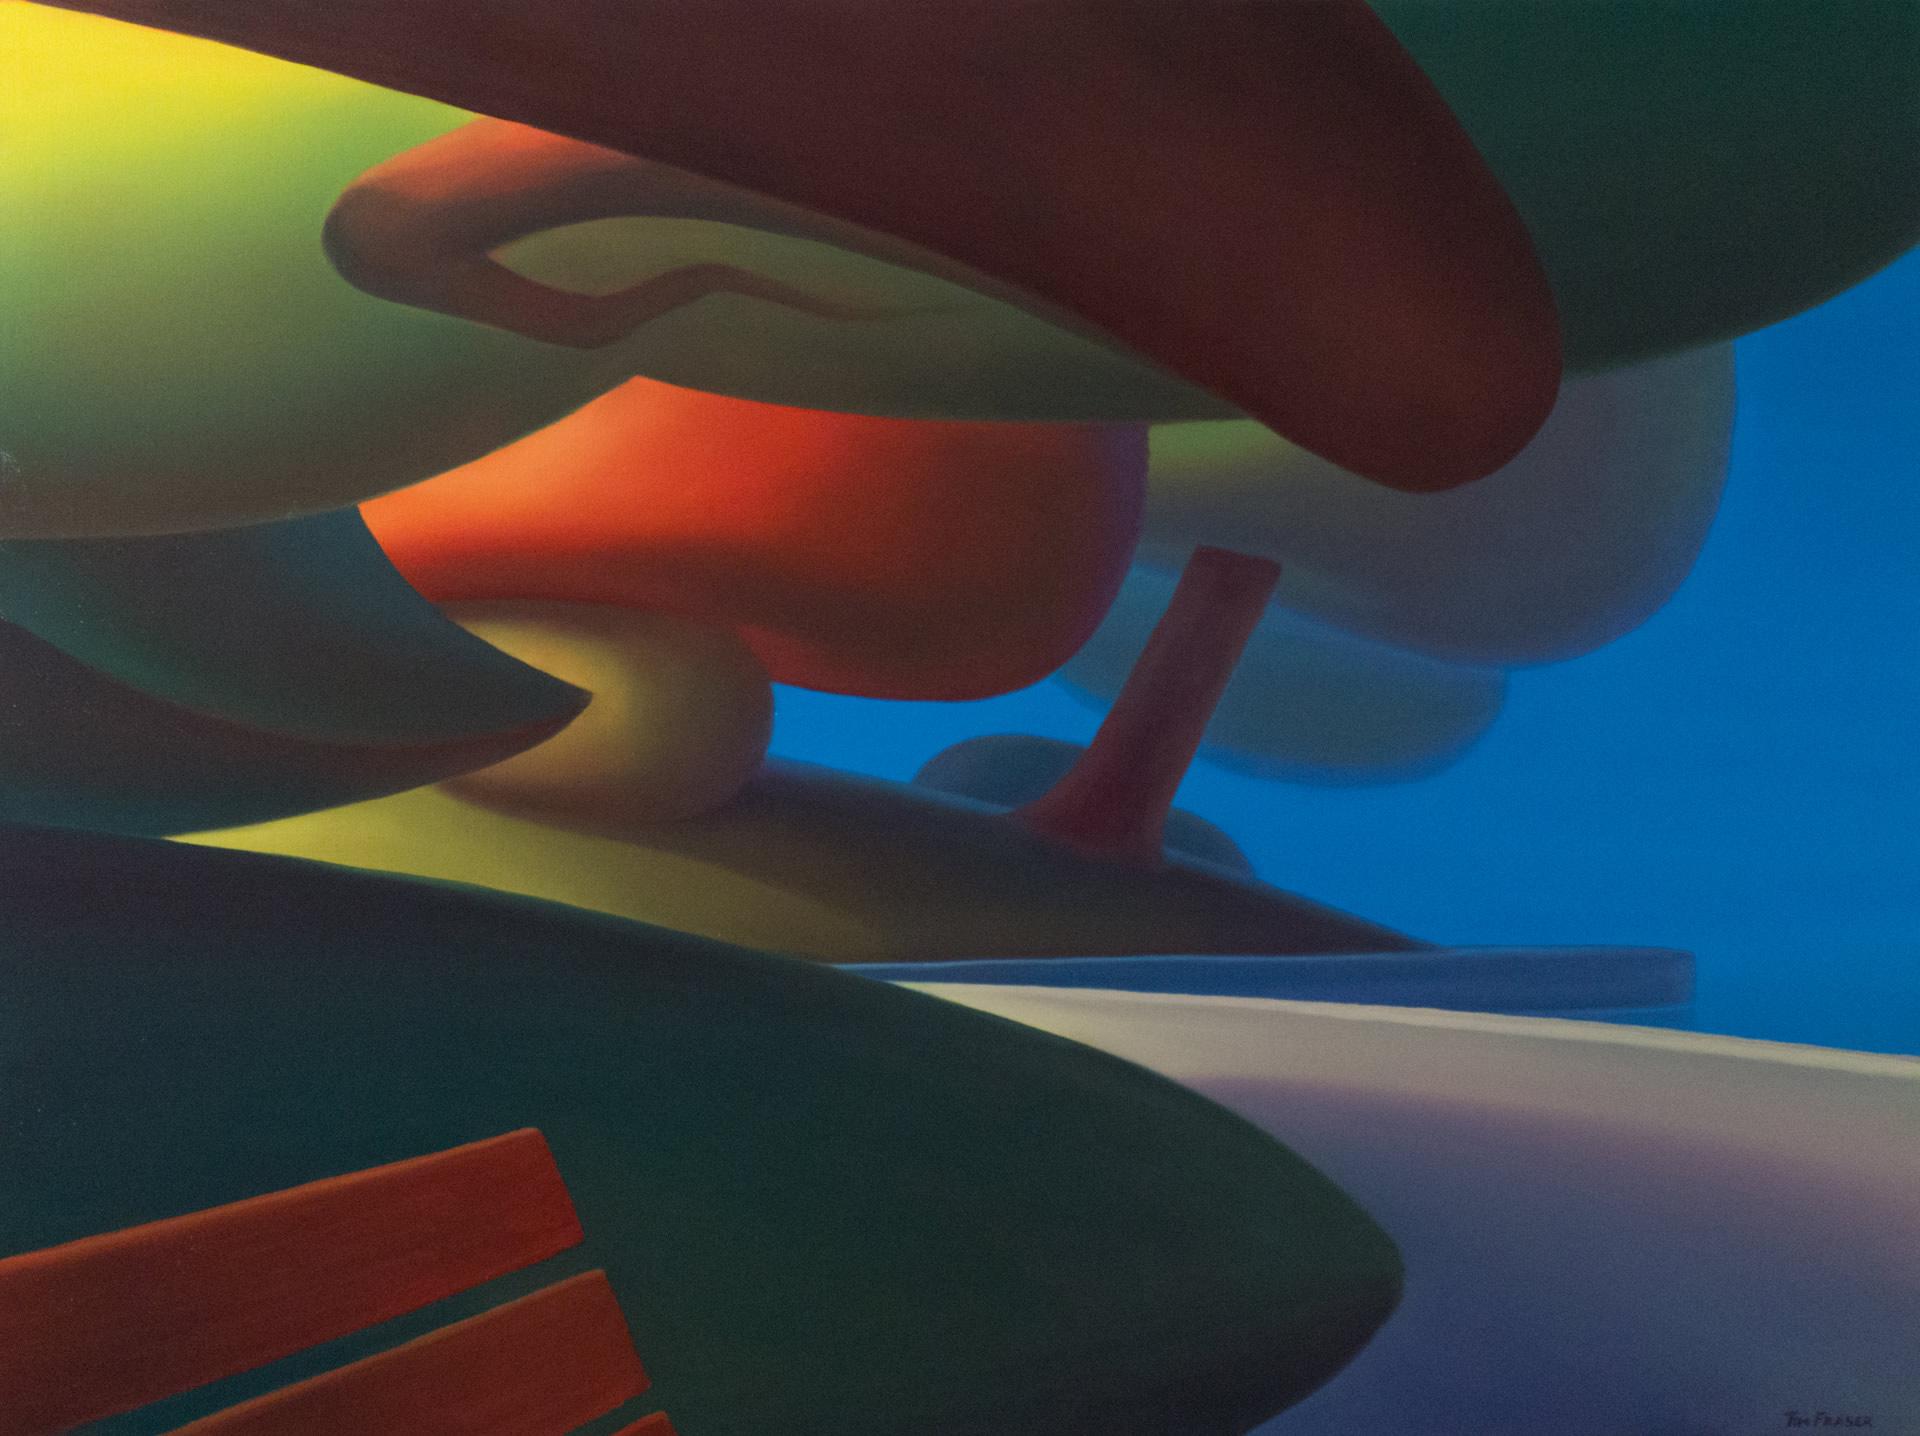 Tim-Fraser-Passage-36x48-Online-Art-Galleries